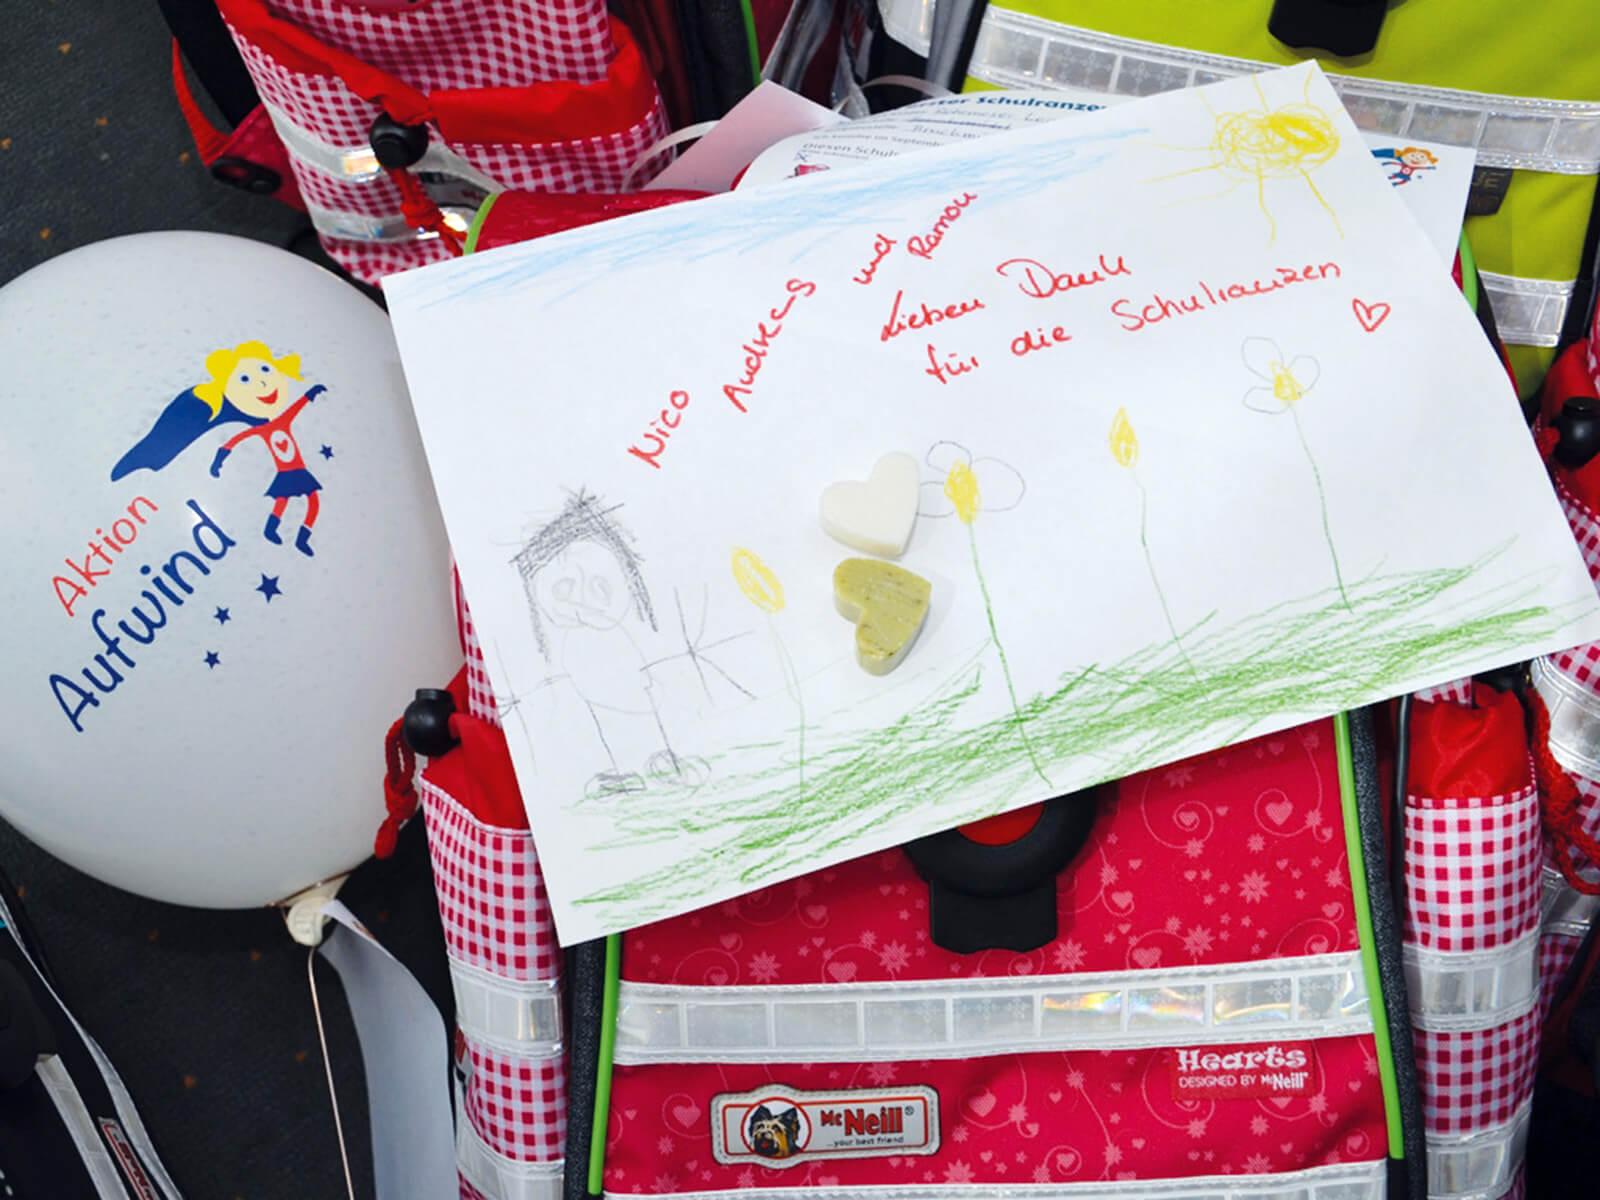 Rührend: Manche Kinder bedanken sich mit selbst gemachten Geschenken.